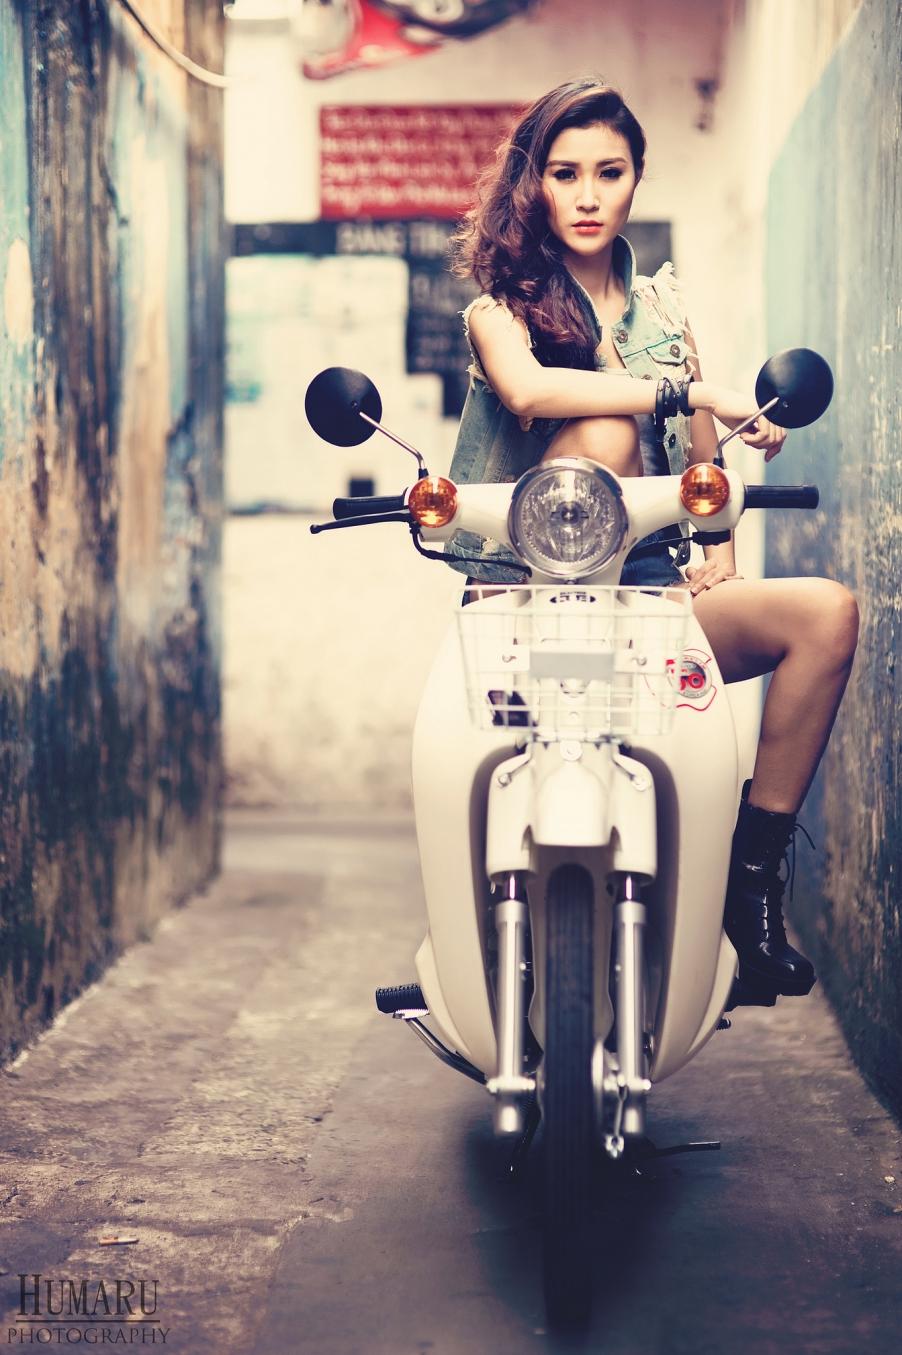 Ngắm chân dài cá tính bên xe máy honda cub